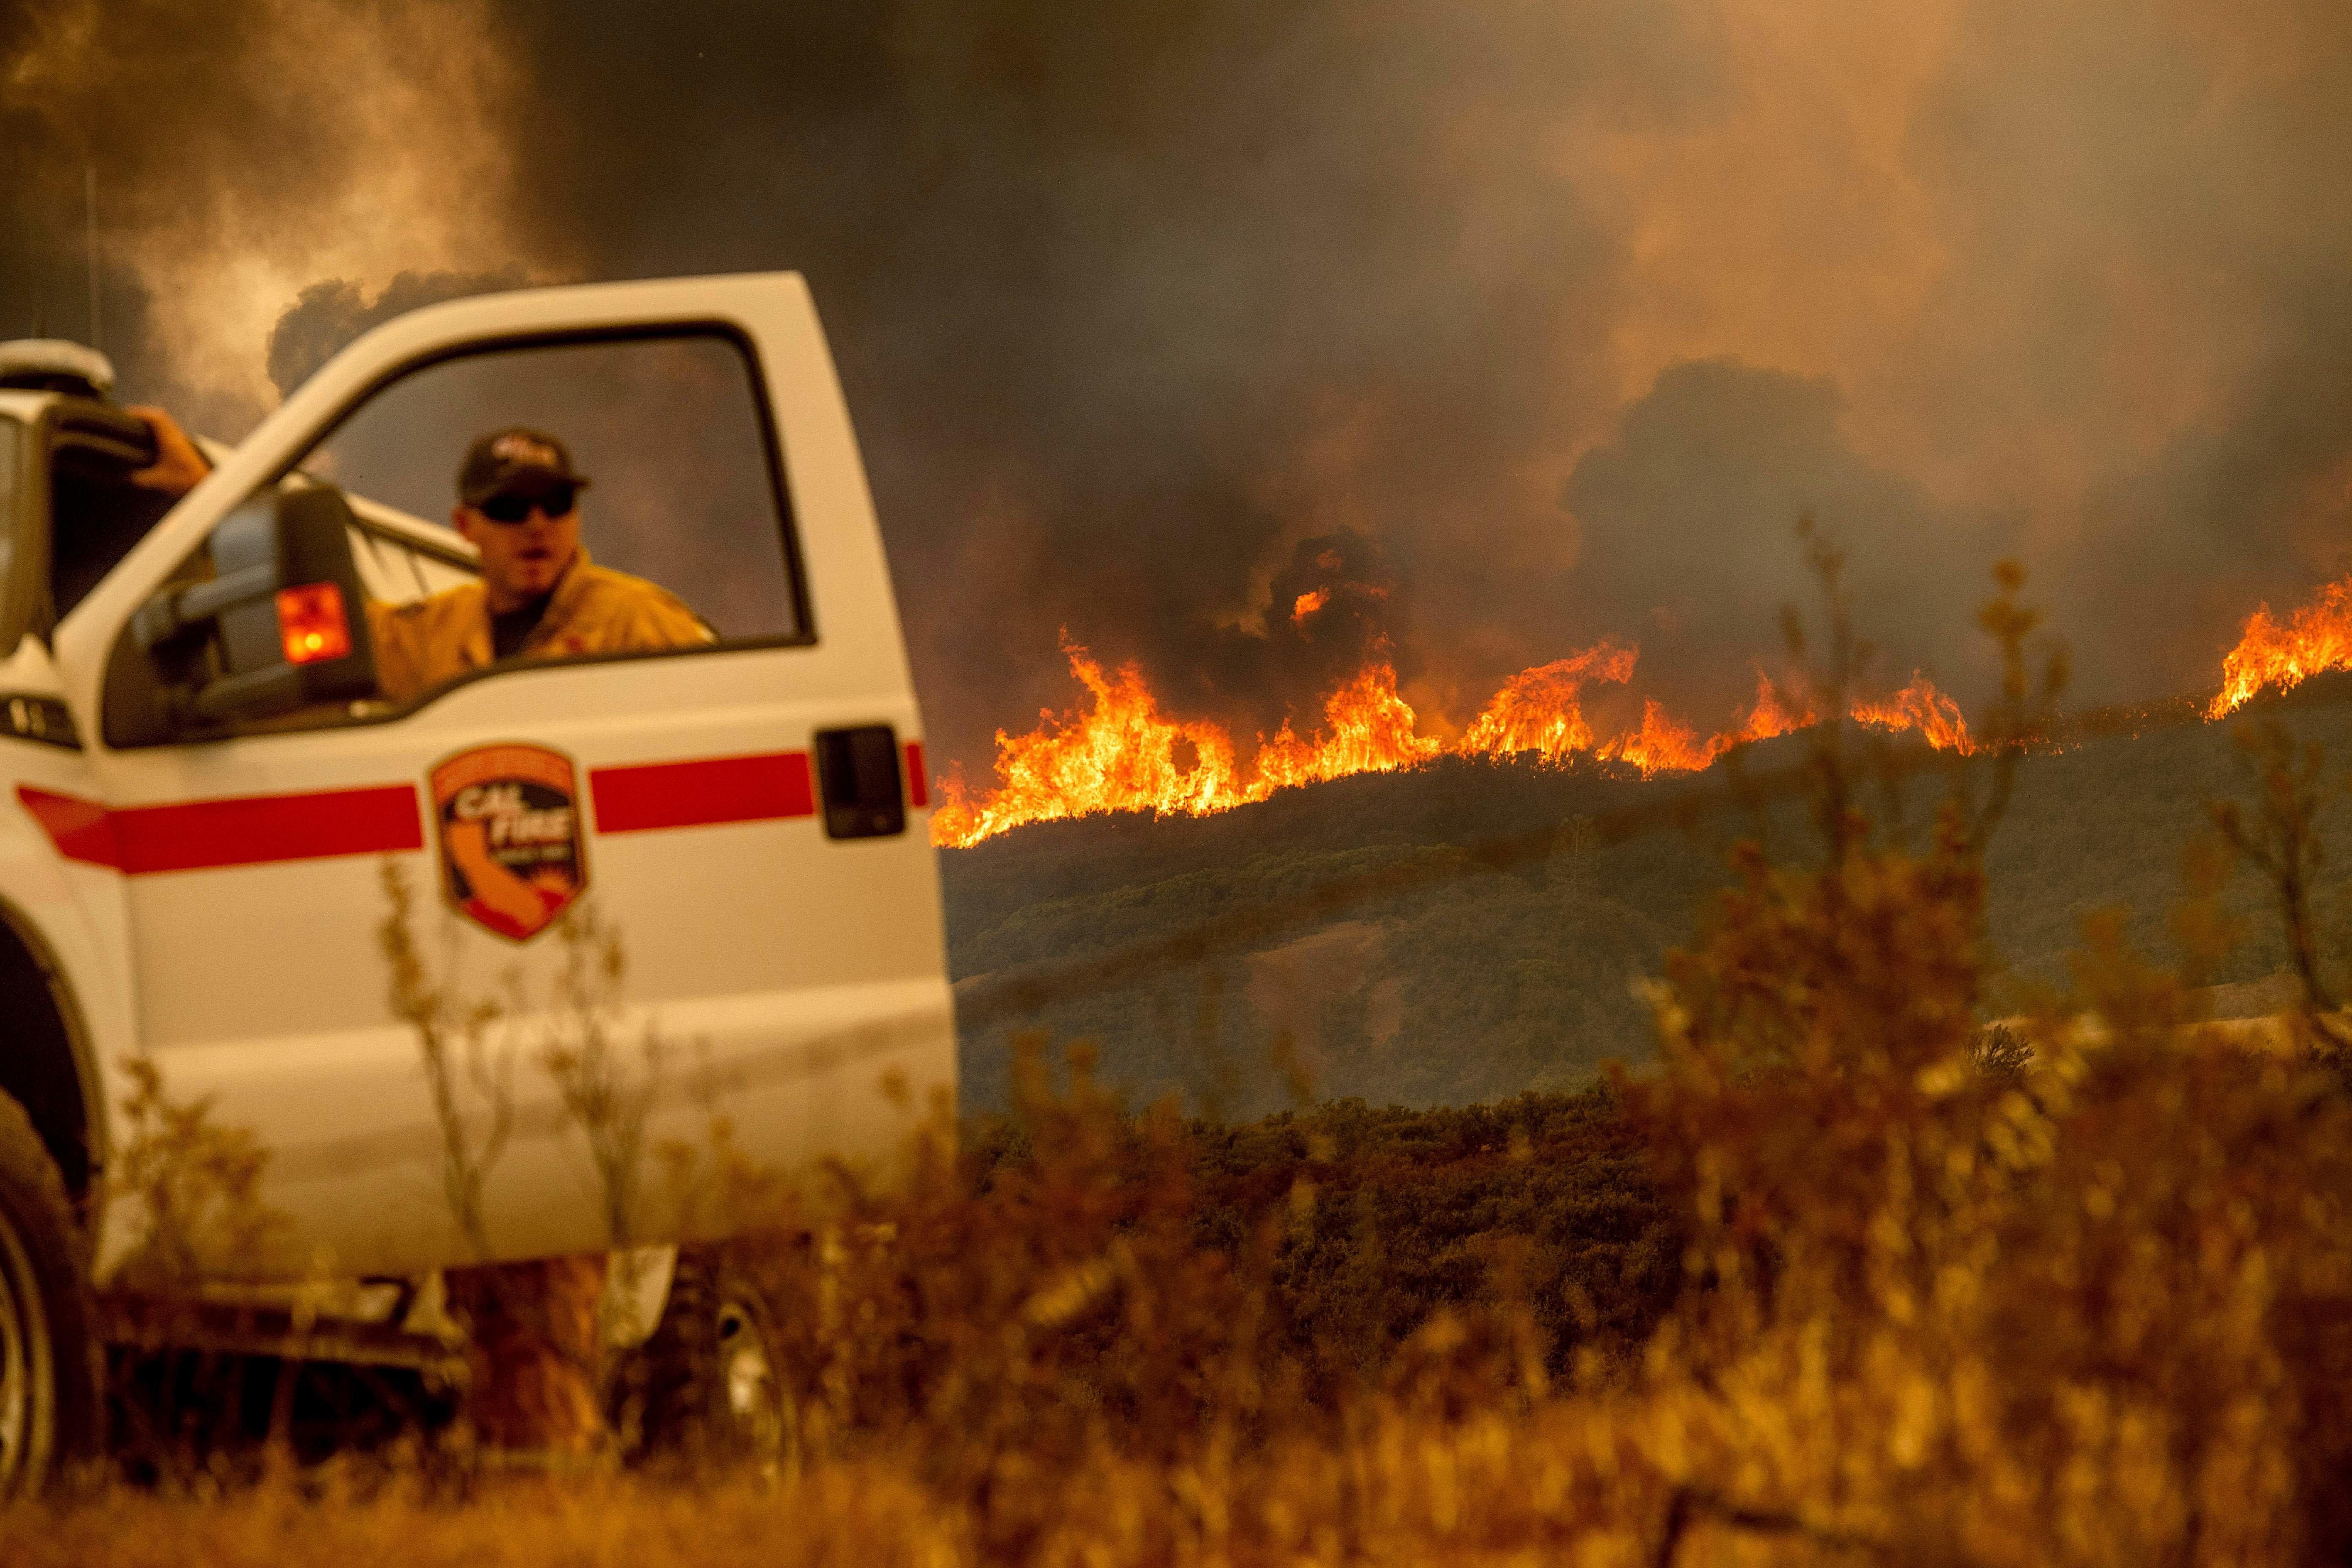 캘리포니아주 역사상 최악의 화재가 된 멘도시노